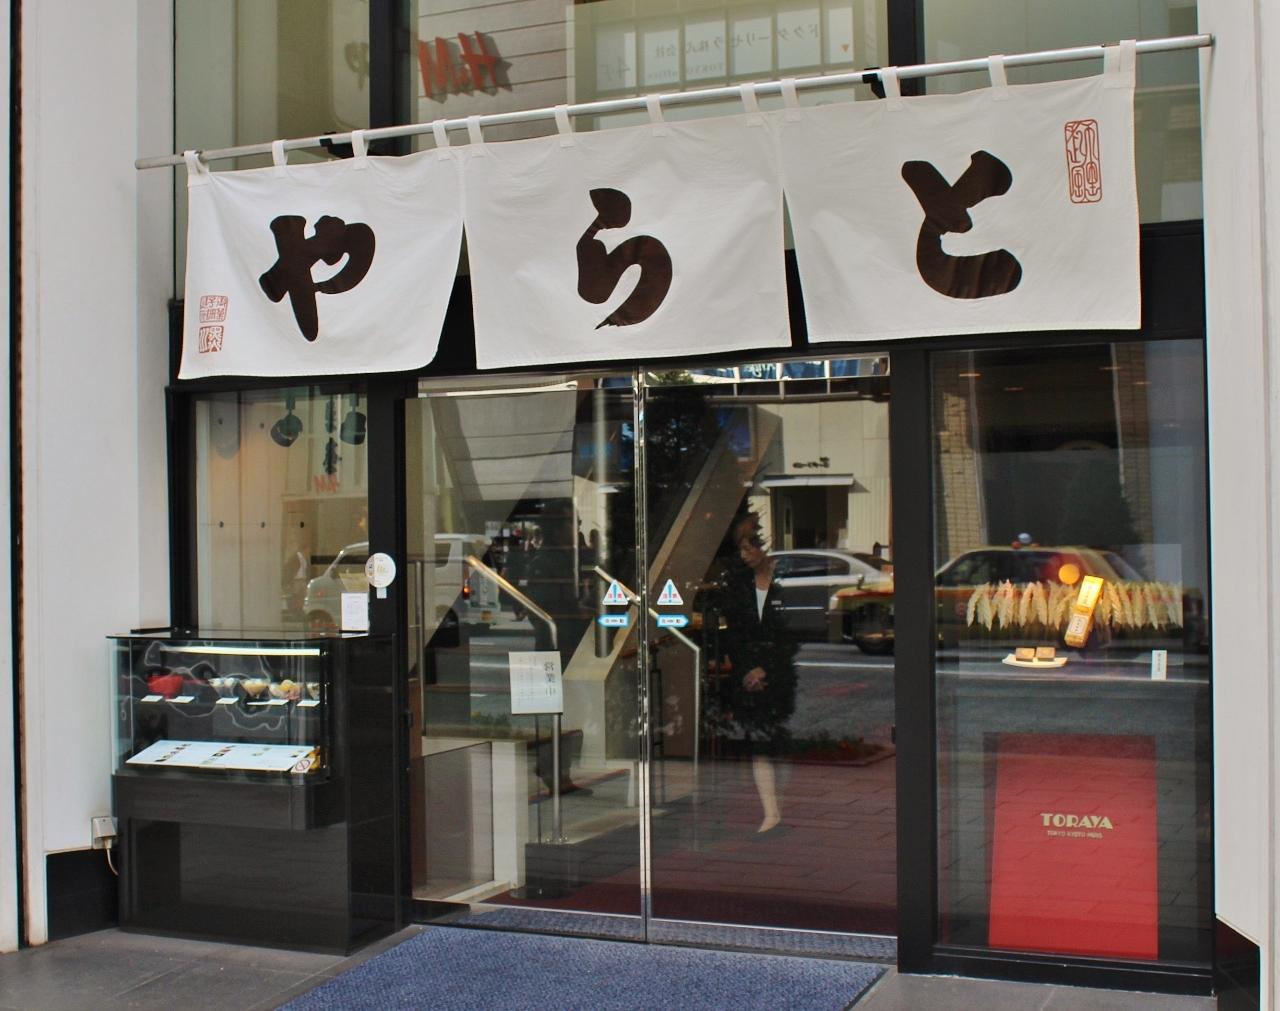 Toraya 1 Shop Ginza